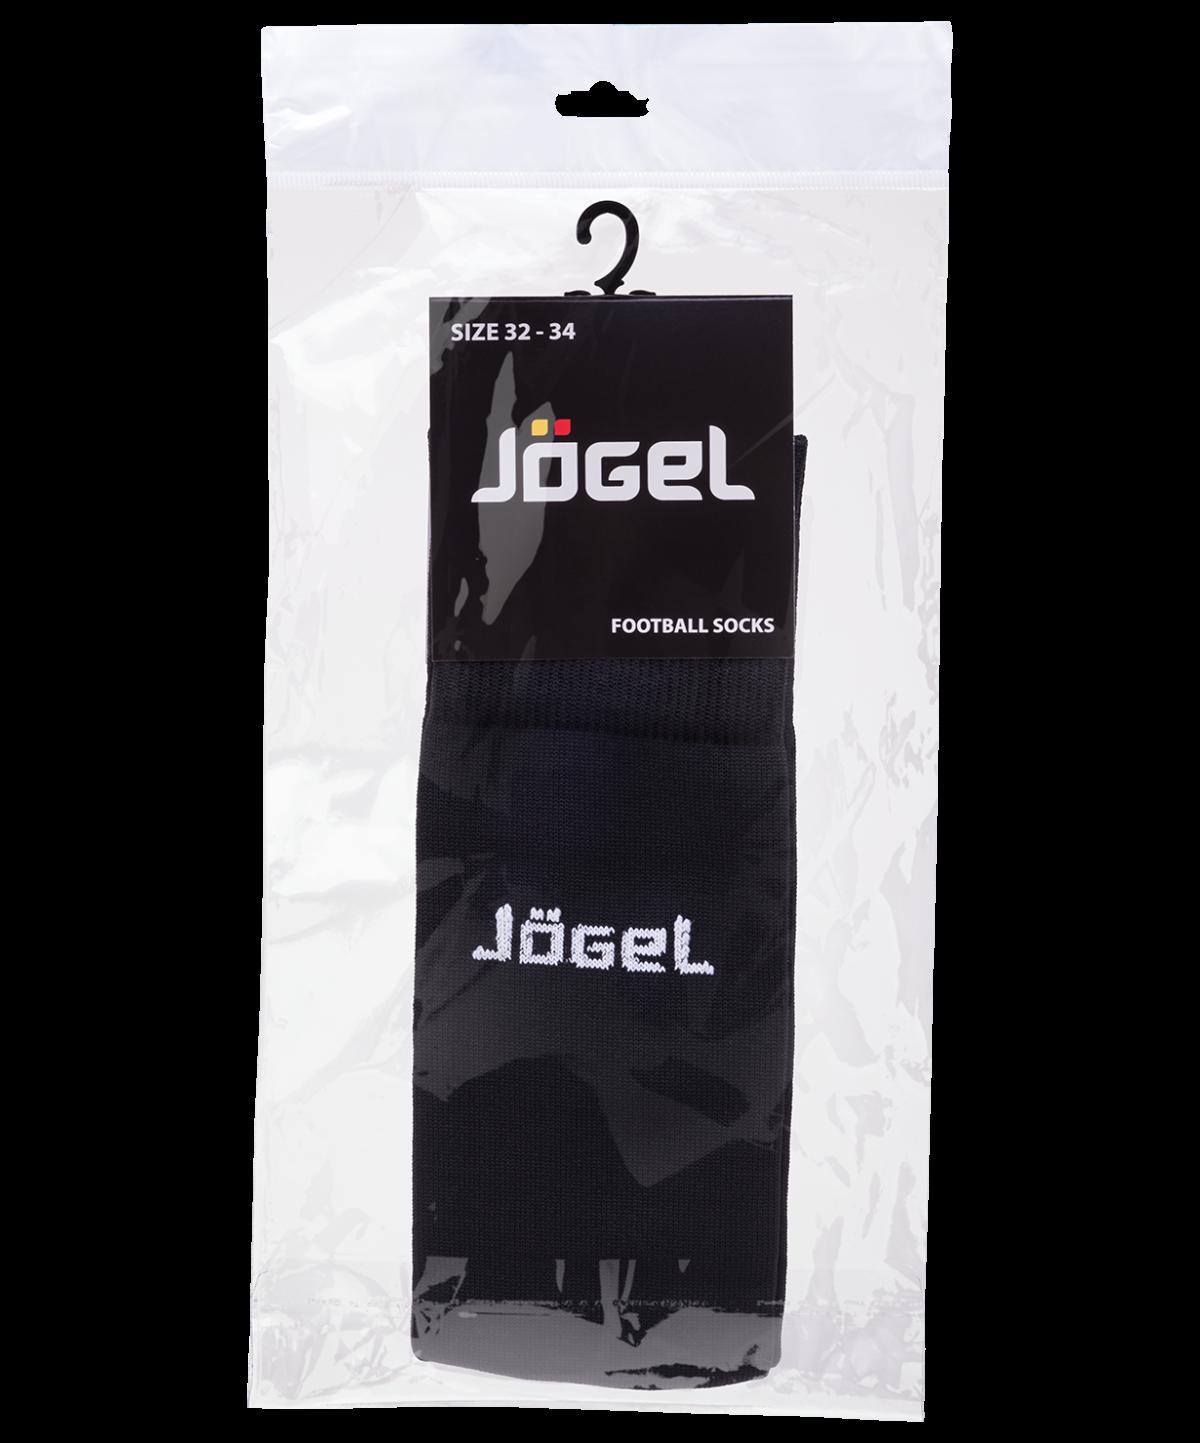 JOGEL Гетры футбольные, черный/белый  JA-001 - 3